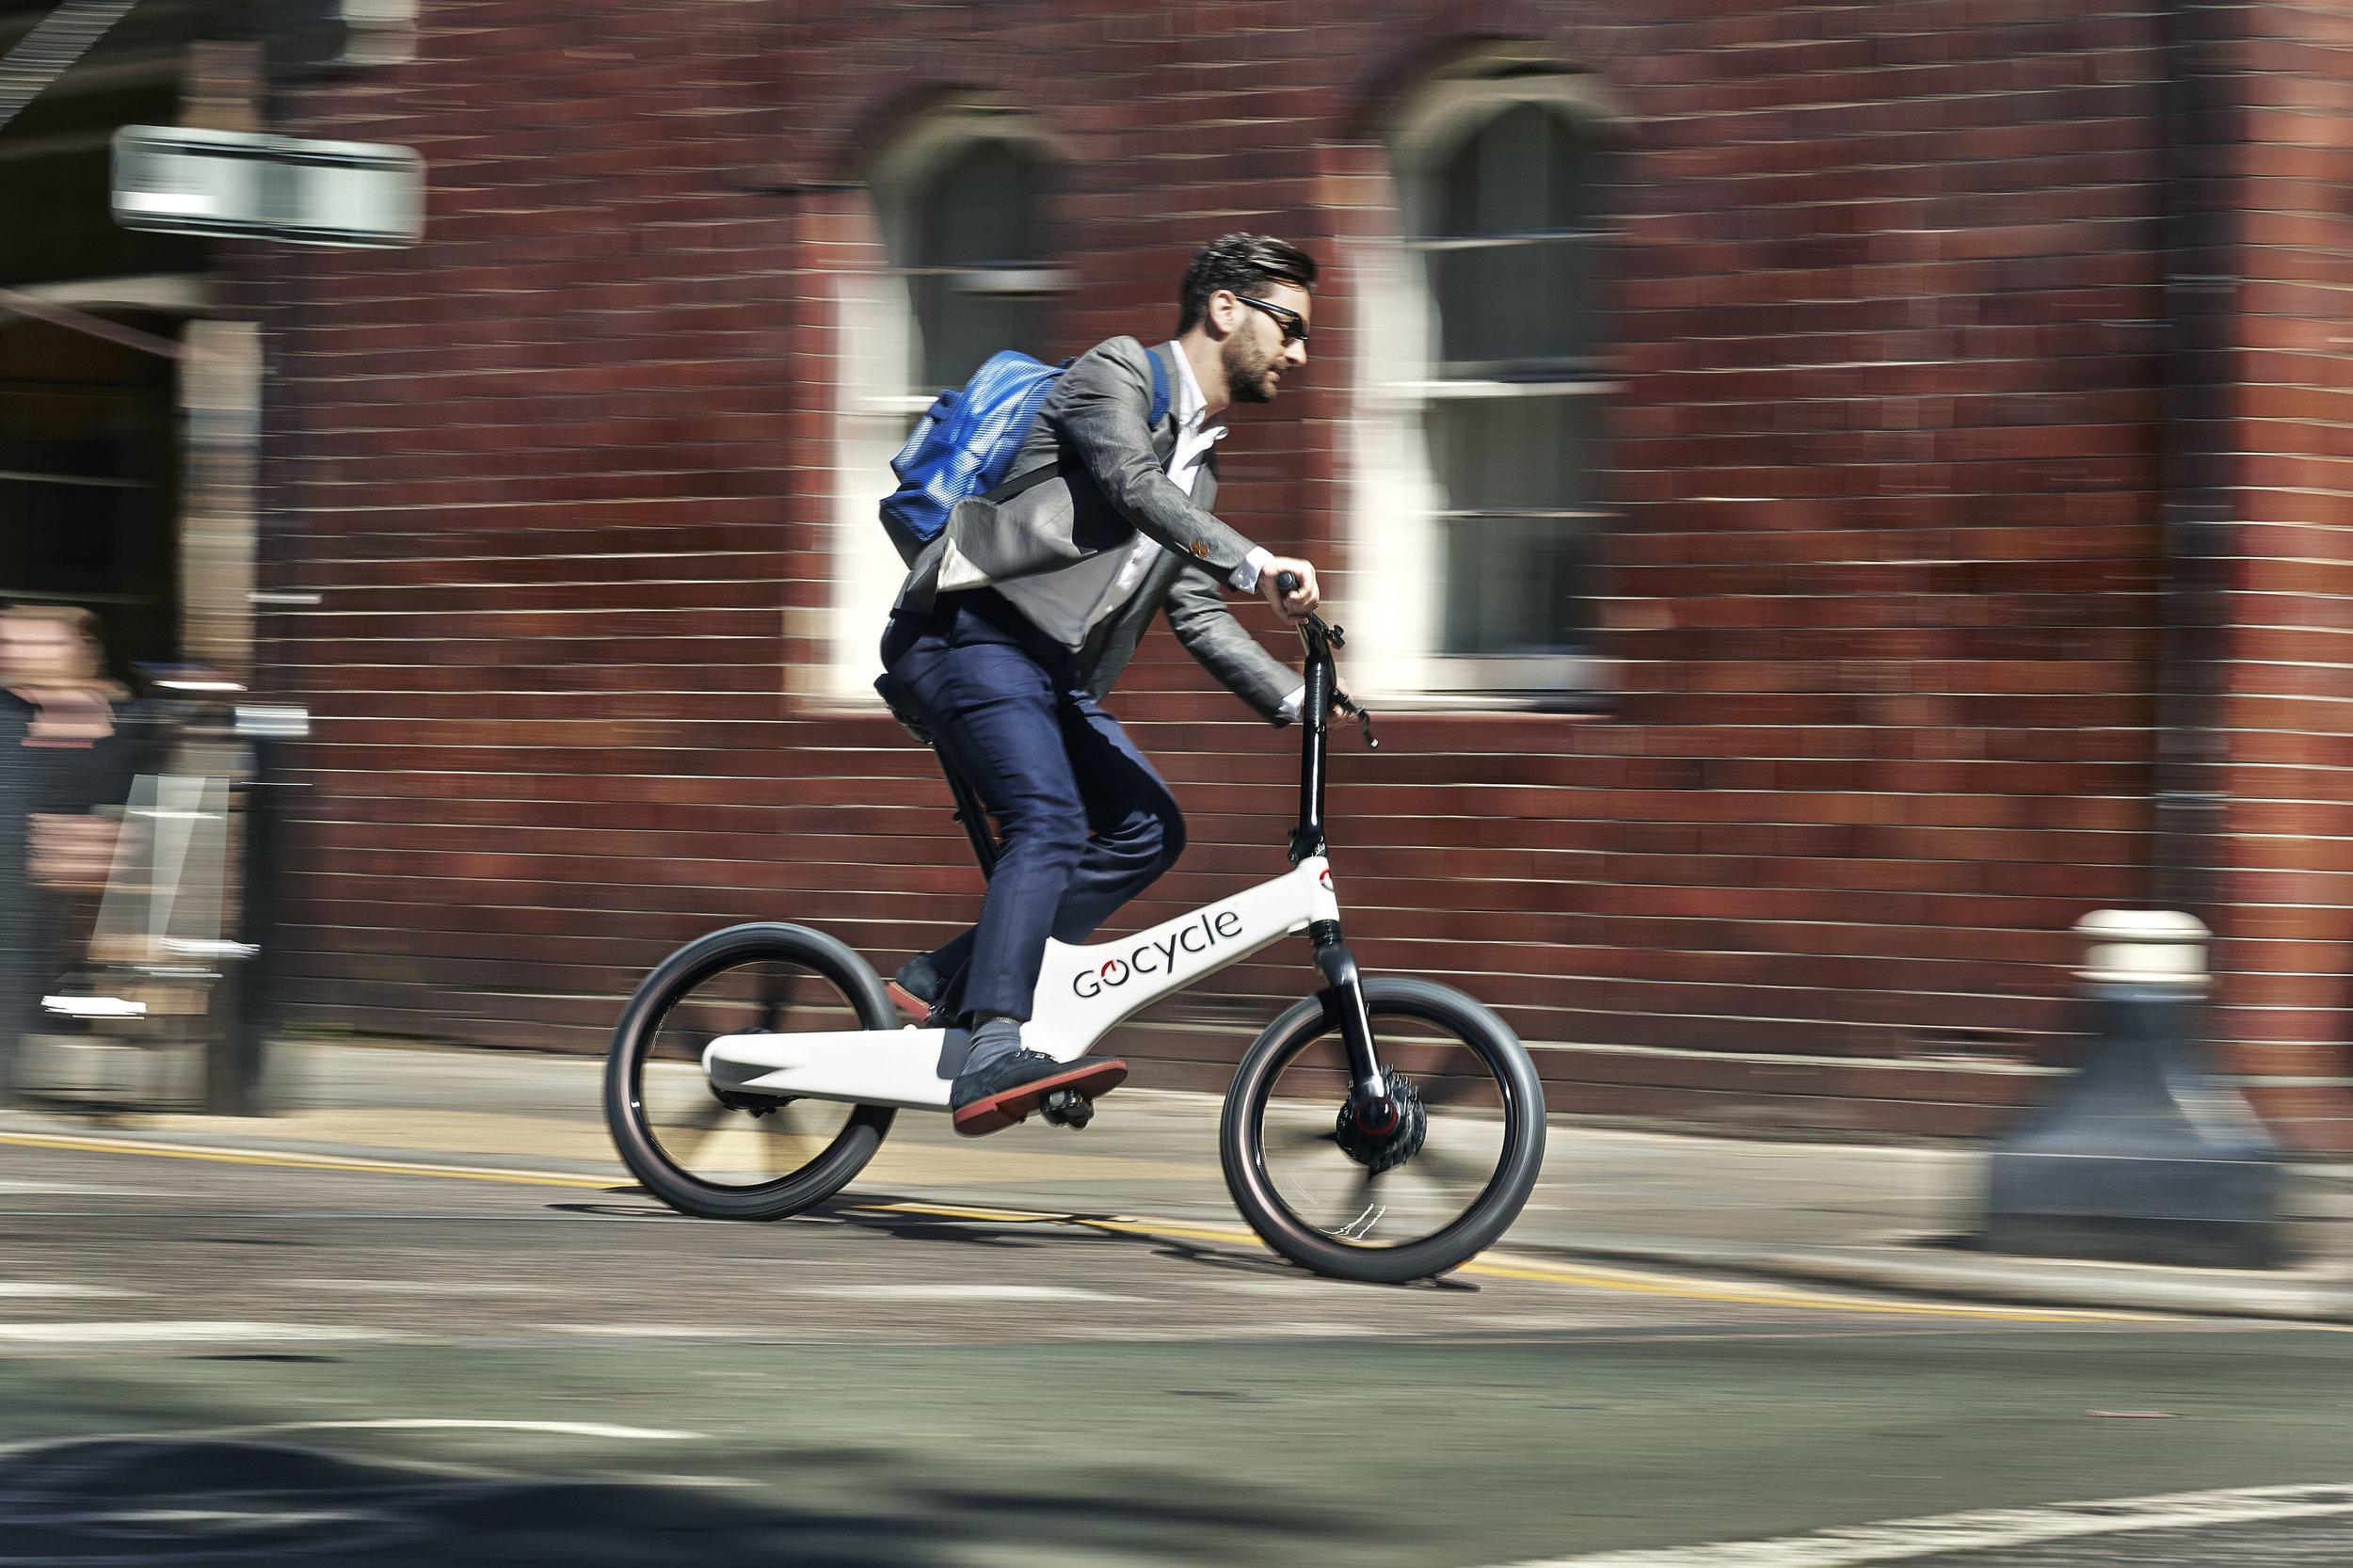 Man riding Gocycle.jpg